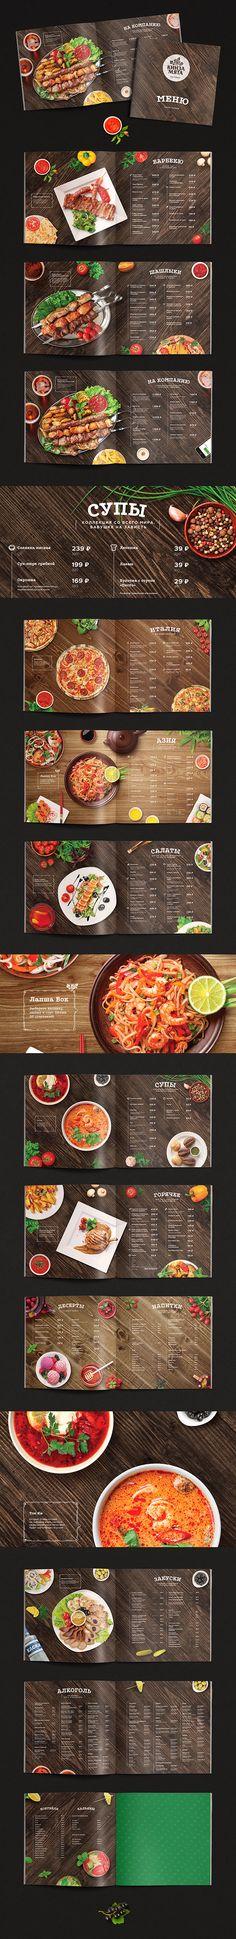 Меню ресторана Кинза и Мята on Behance Restaurant Poster, Restaurant Identity, Restaurant Menu Design, Restaurant Concept, Menu Card Design, Food Menu Design, Layout Design, Stationery Design, Design Design